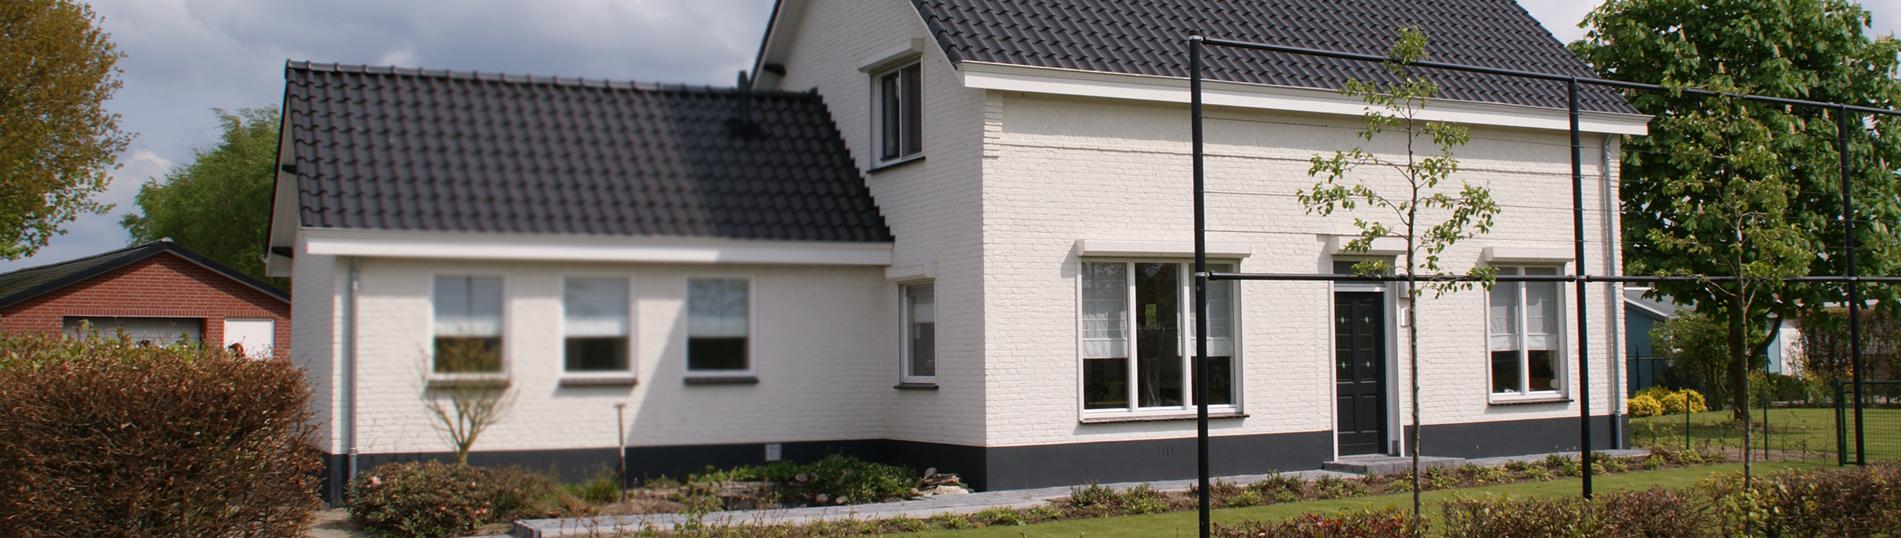 Timmerbedrijf-Looijmans-banner-timmerwerken